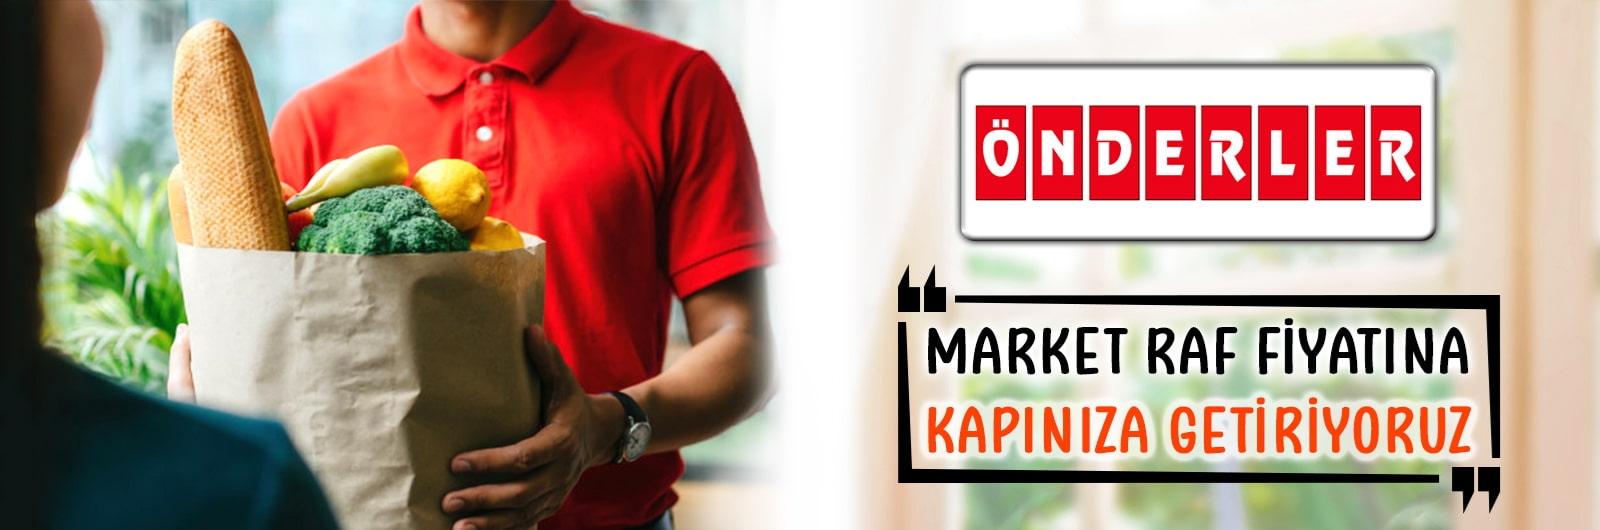 Ankara önderler sanal market